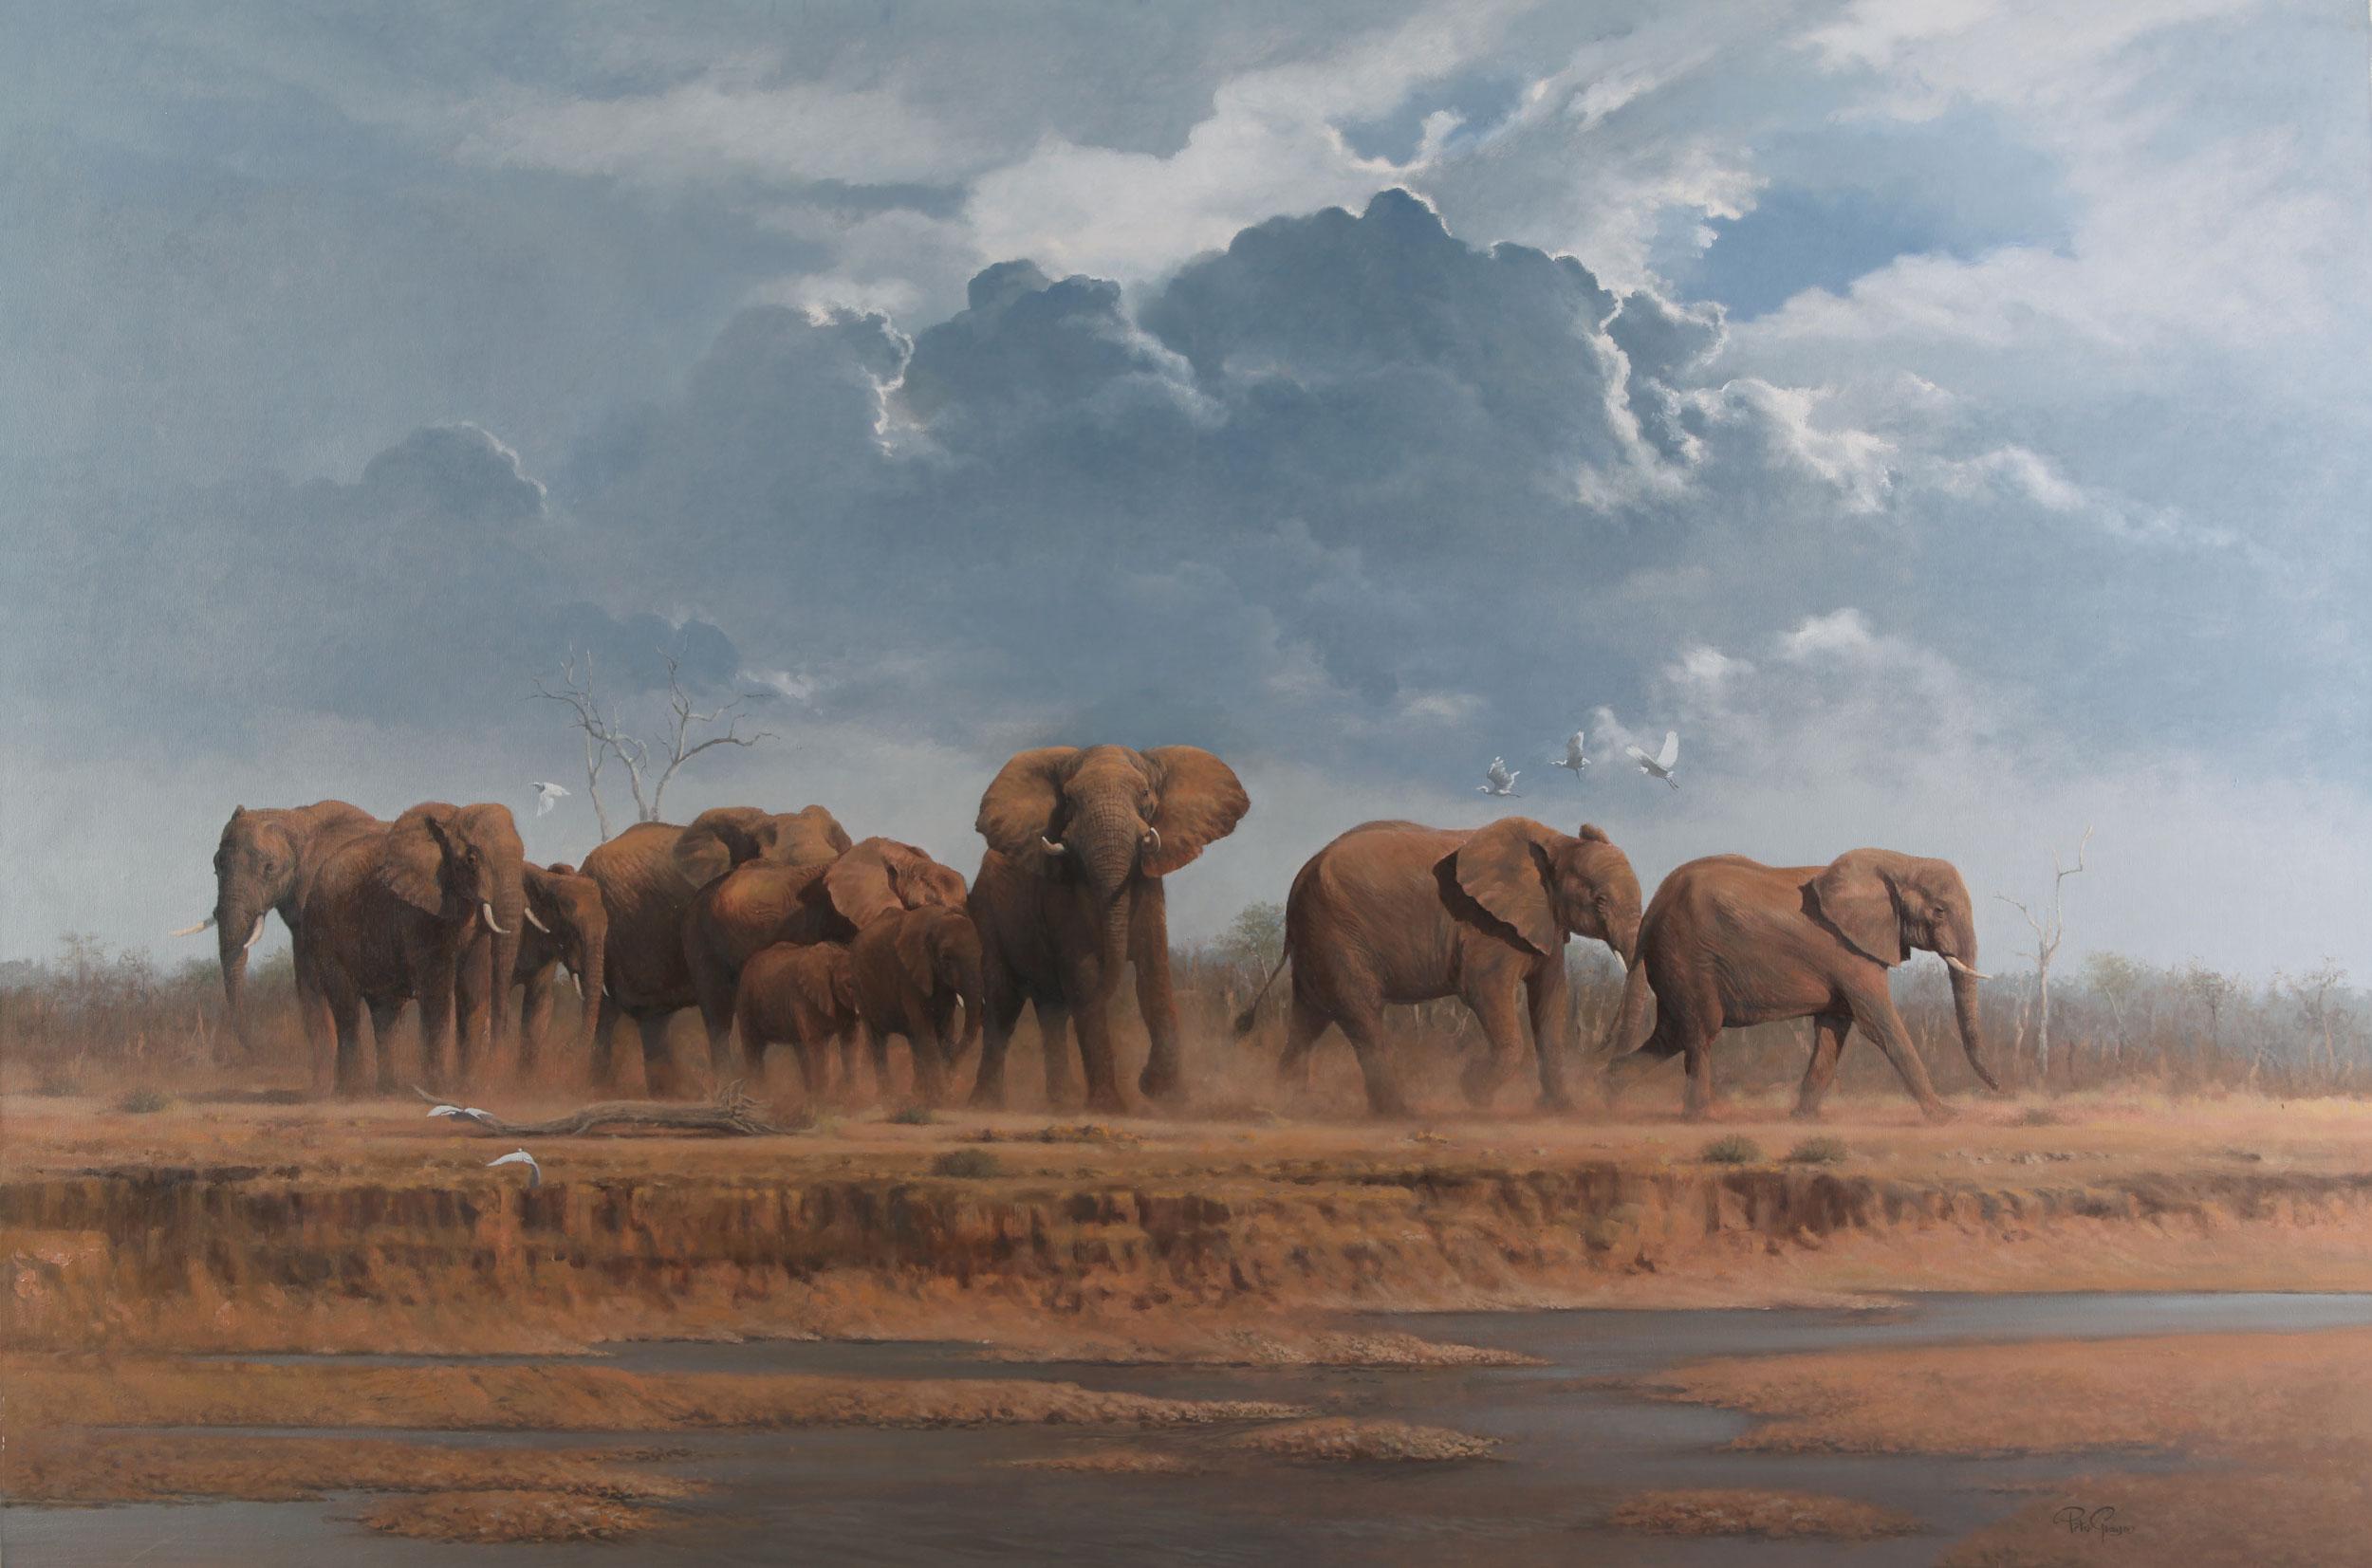 Matriarchal Herd | Peter Gray